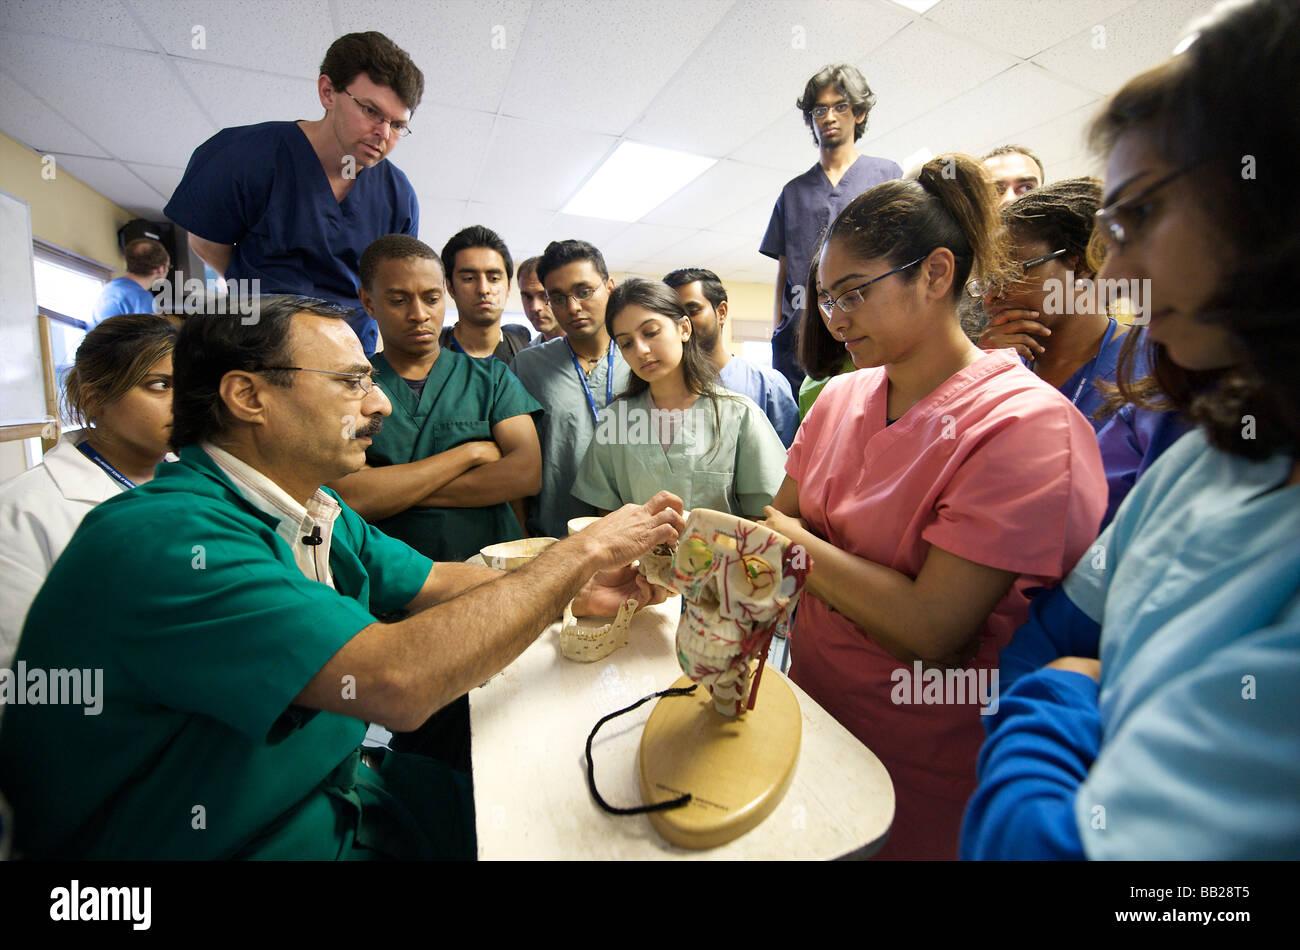 Saba unten Medizinstudenten im Anatomie-Unterricht Stockfoto, Bild ...